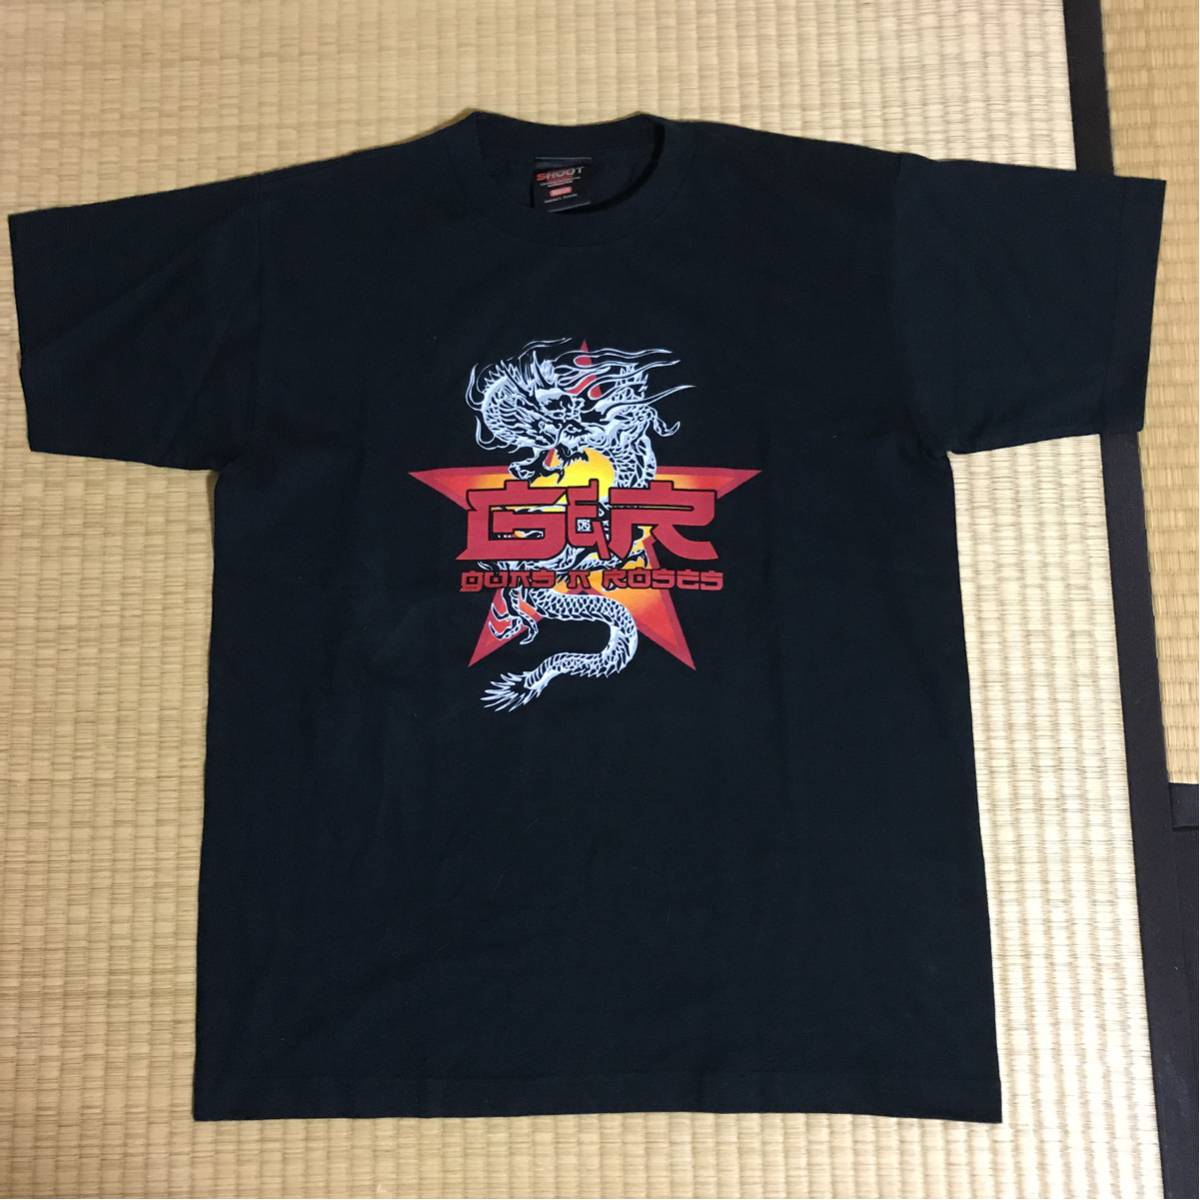 1回着用 ガンズアンドローゼズ 2002JAPANライブ限定バンドTシャツ黒M レア アクセルローズ ライブグッズの画像